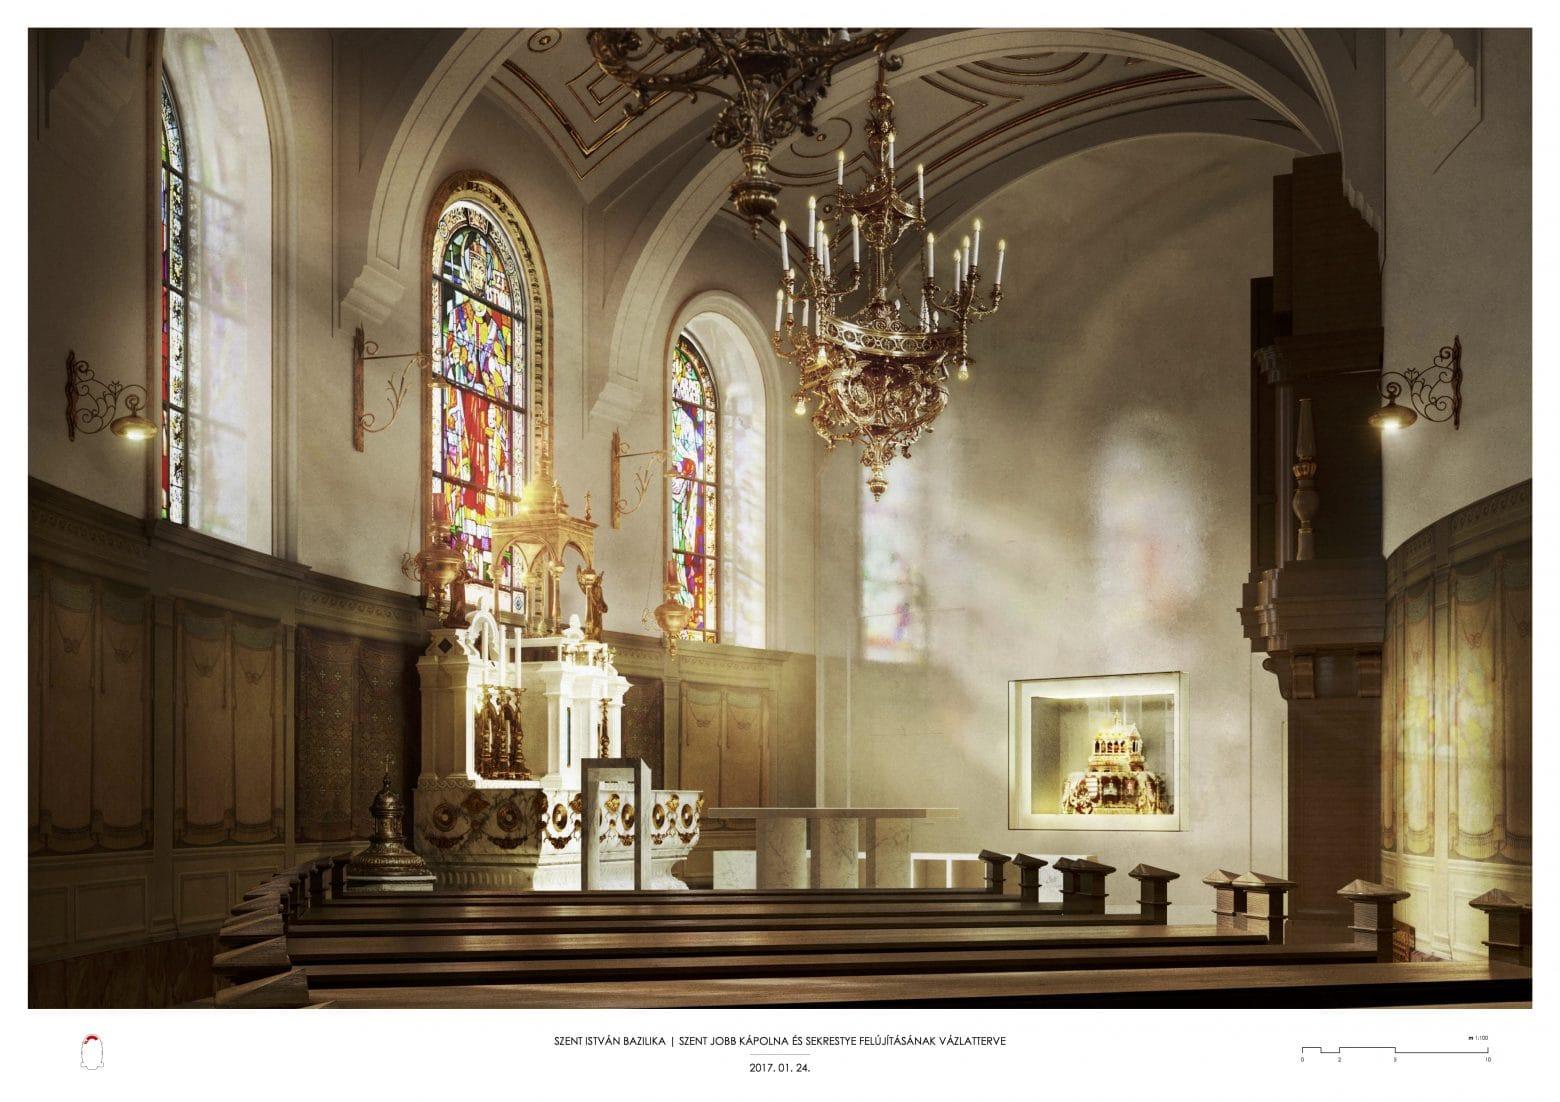 Bazilika_szent_jobb_kapolna MTT tablo 03 0124